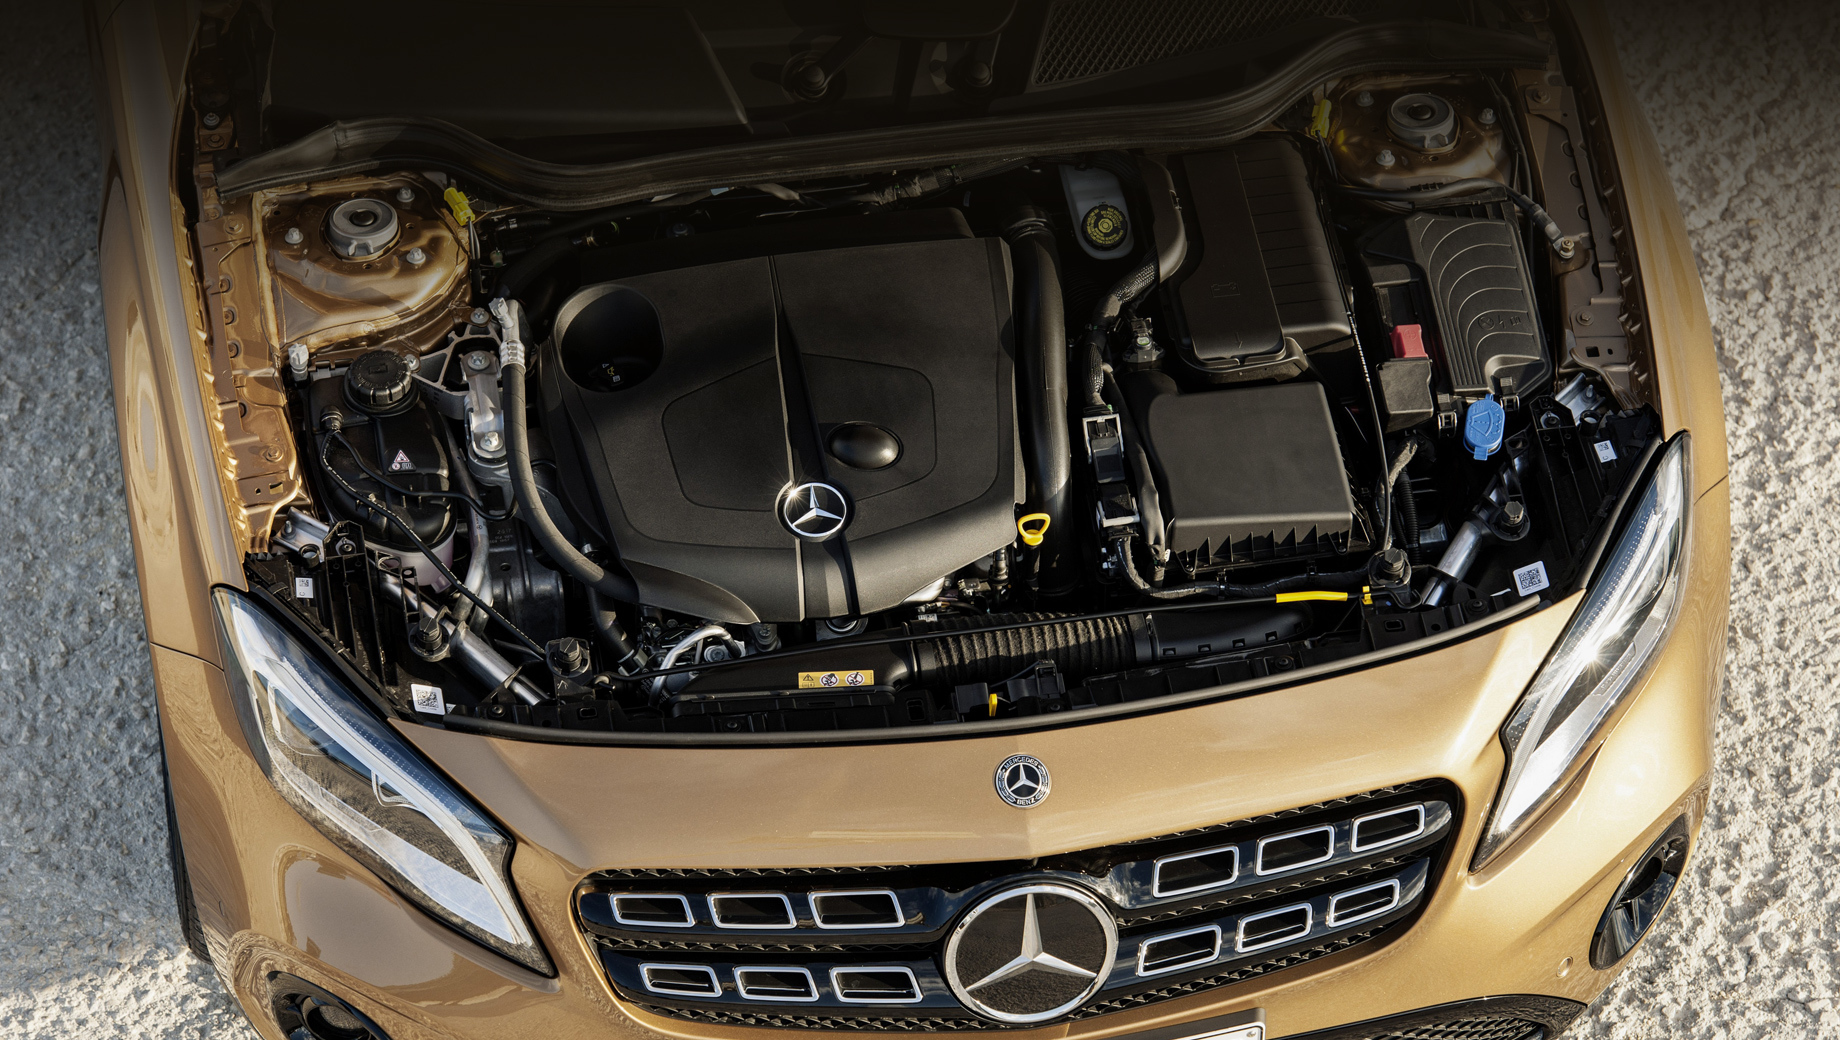 Mercedes a,Mercedes gla. Всего под новый отзыв попало 104 автомобиля. Их коды VIN можно скачать со страницы Росстандарта.